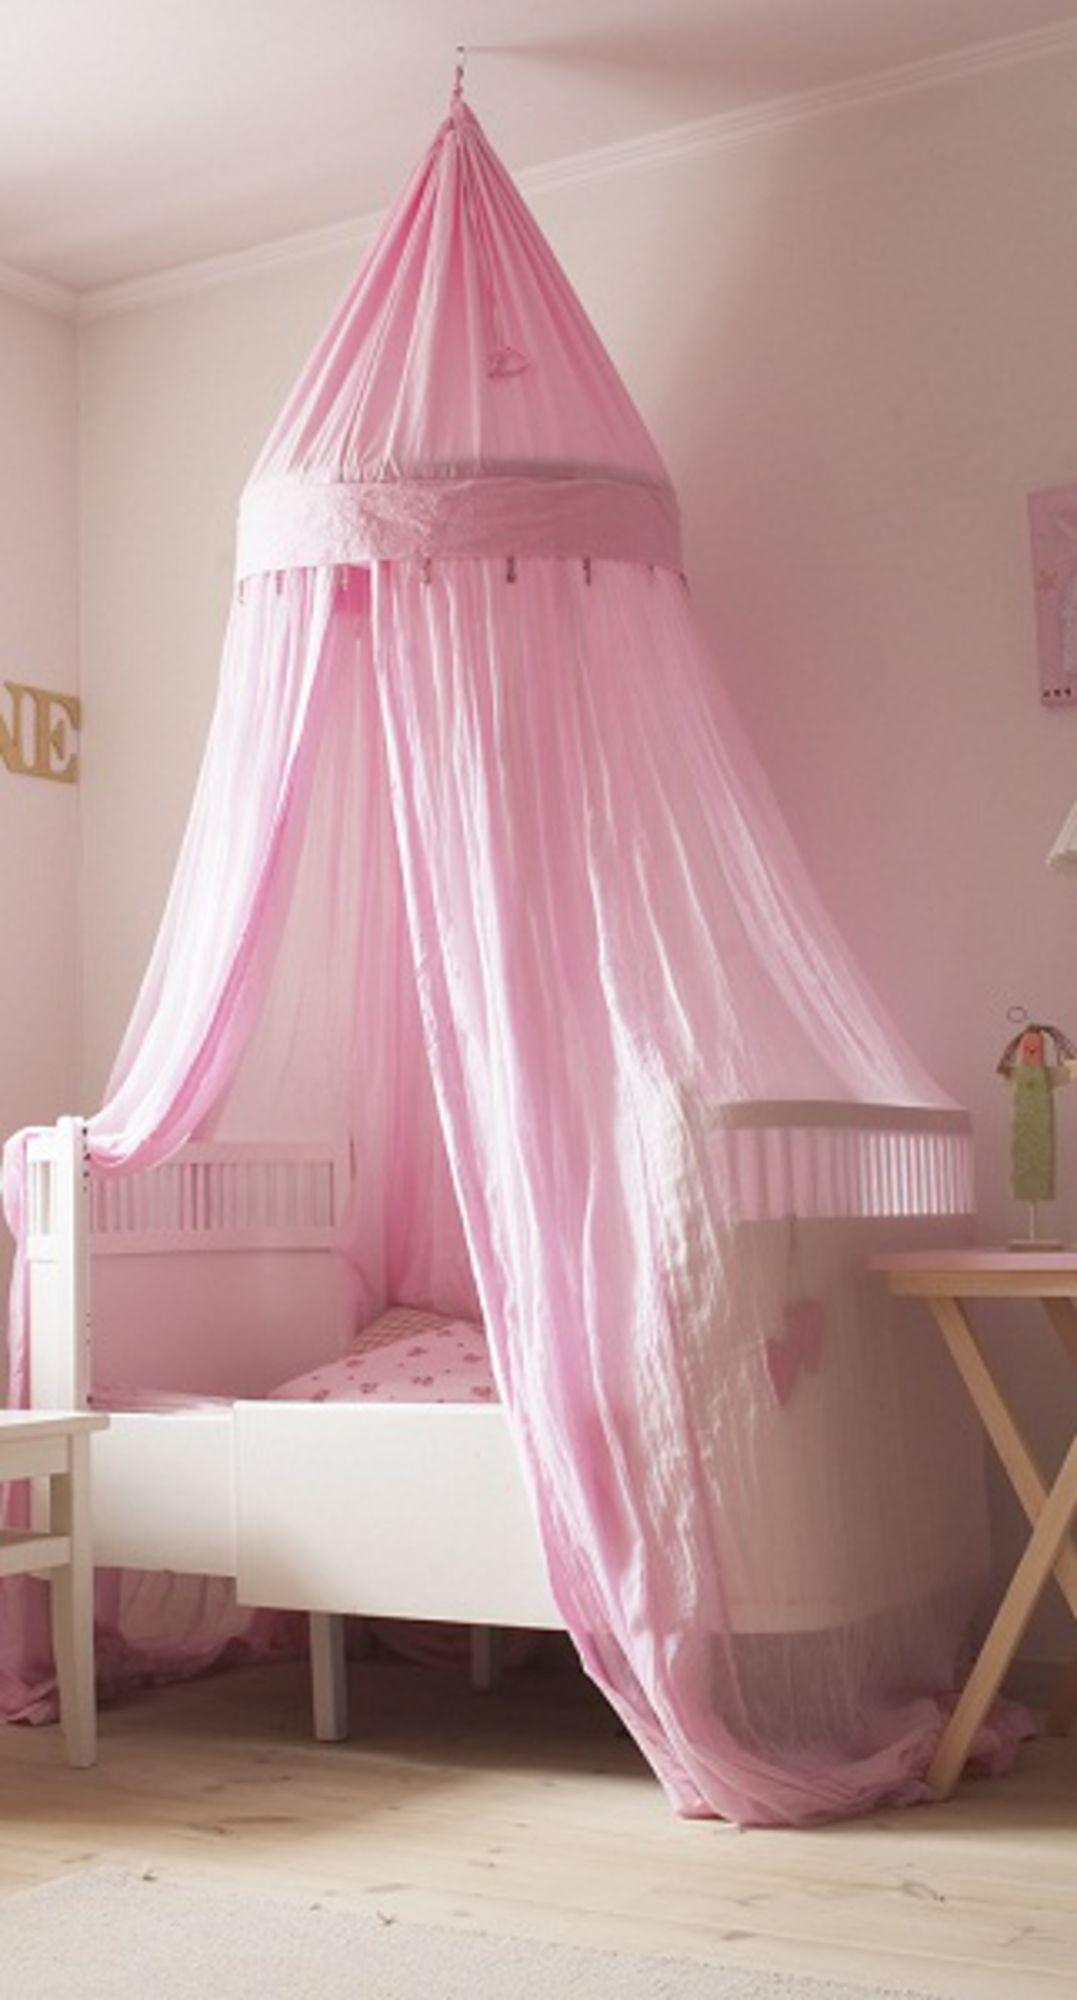 Vellidte Til F: Funky Factory Sänghimmel Rosa | Wishlist - for the girls MB-61